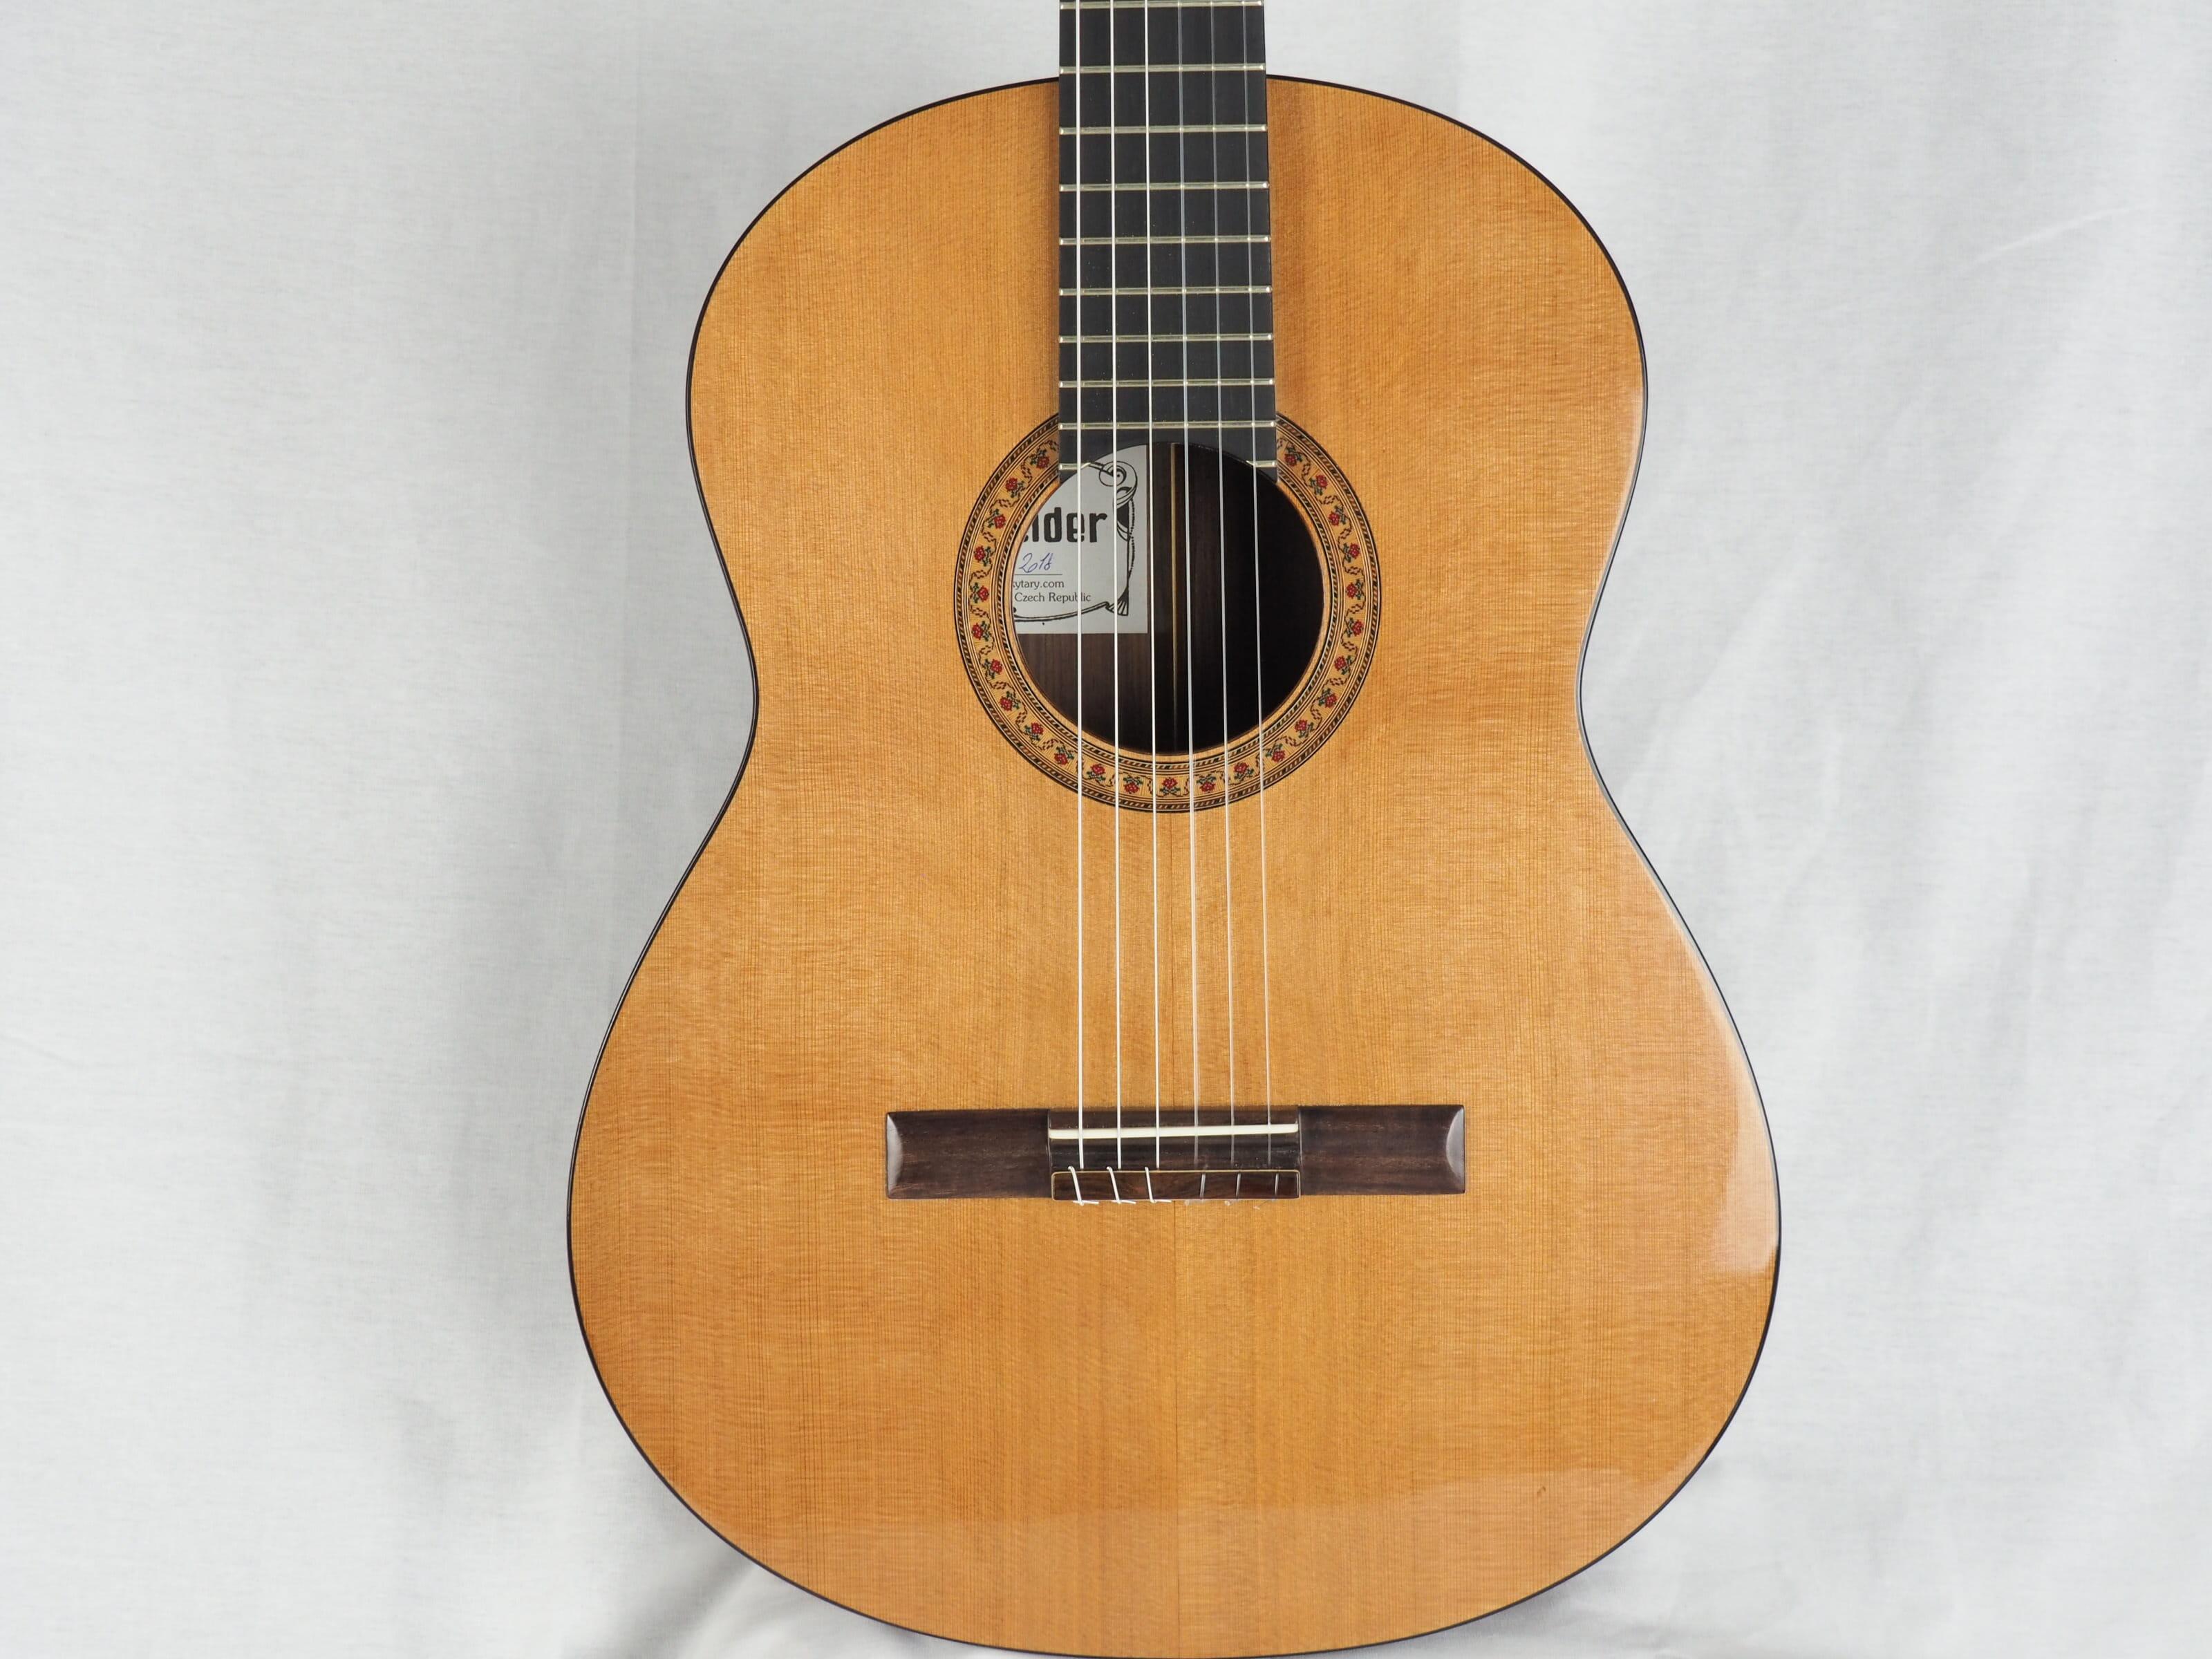 Jan Schneider guitare classique luthier No 19SCH454-07